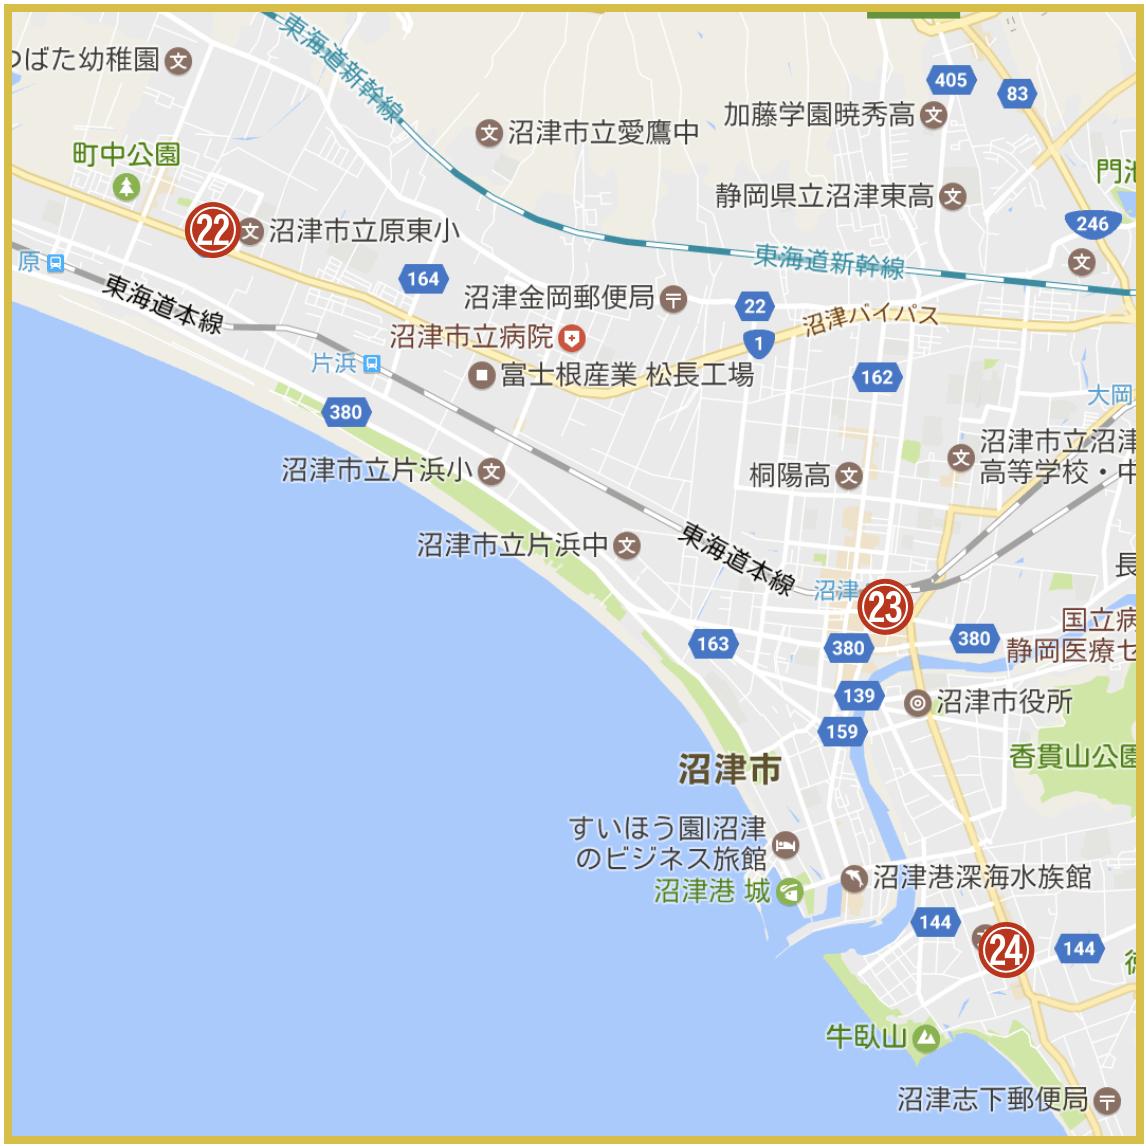 静岡県沼津市にあるアコム店舗・ATMの位置